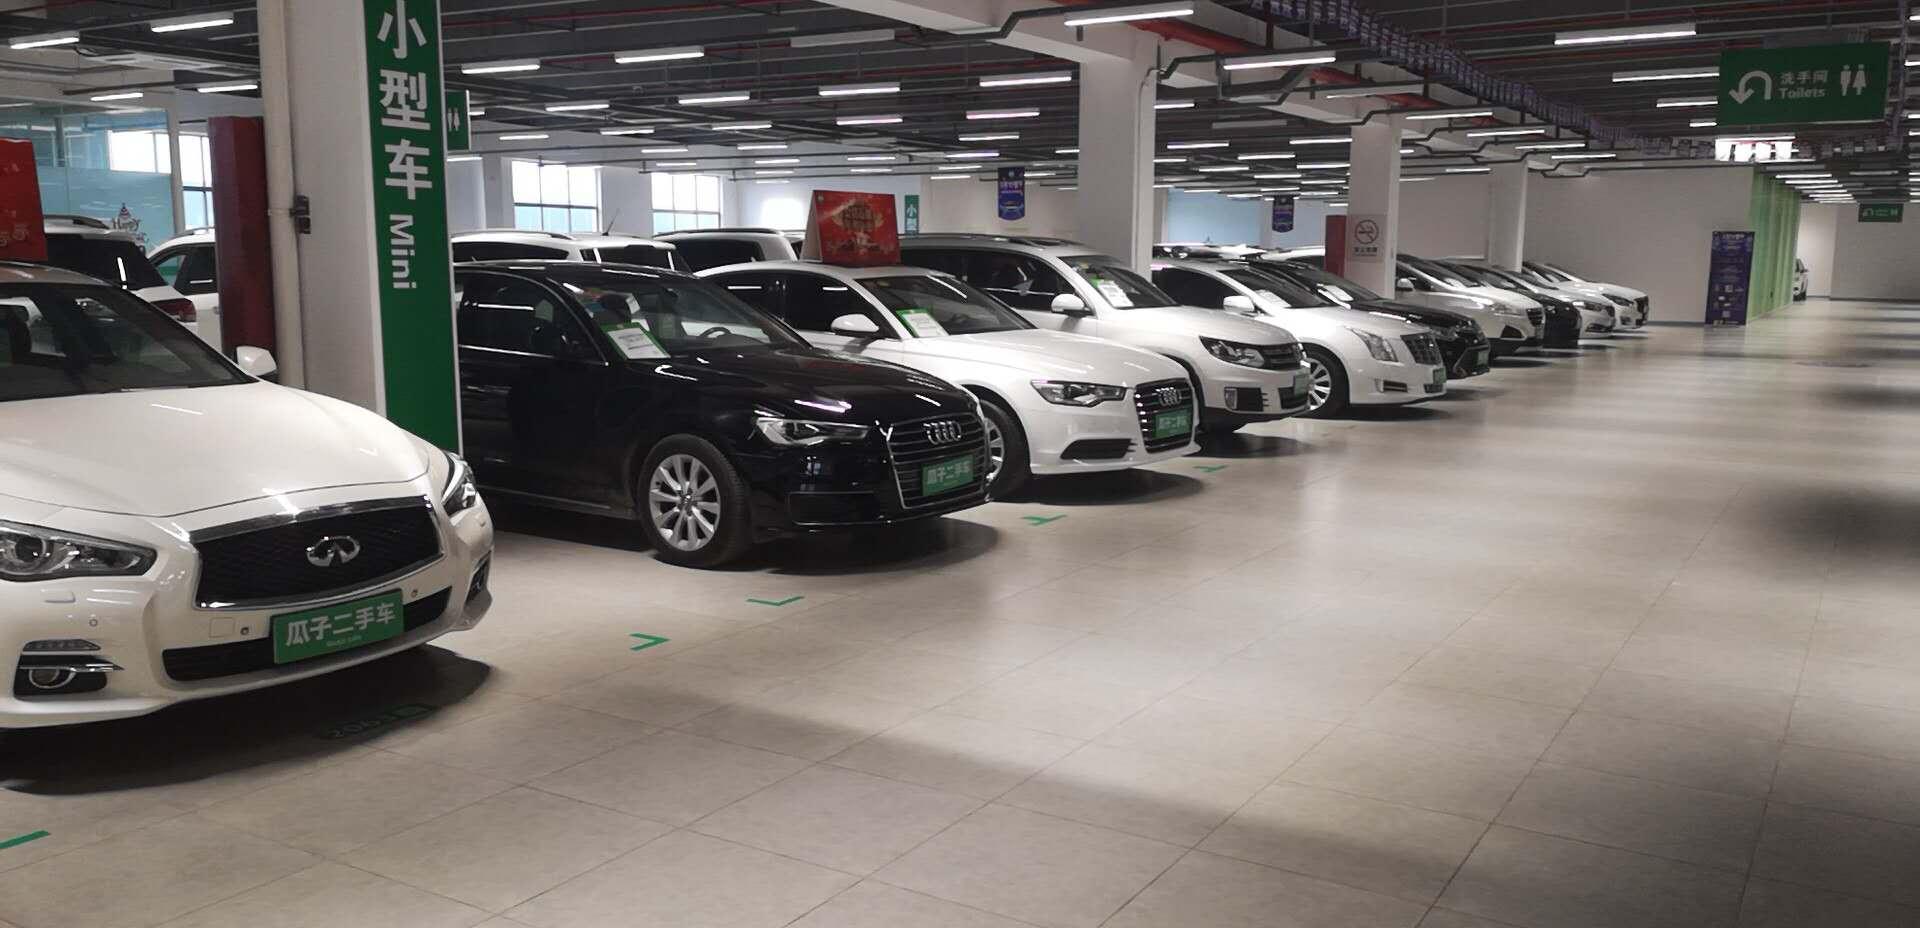 瓜子二手车严选直卖店再下一城 近5千平淮安店一次可看上百辆车